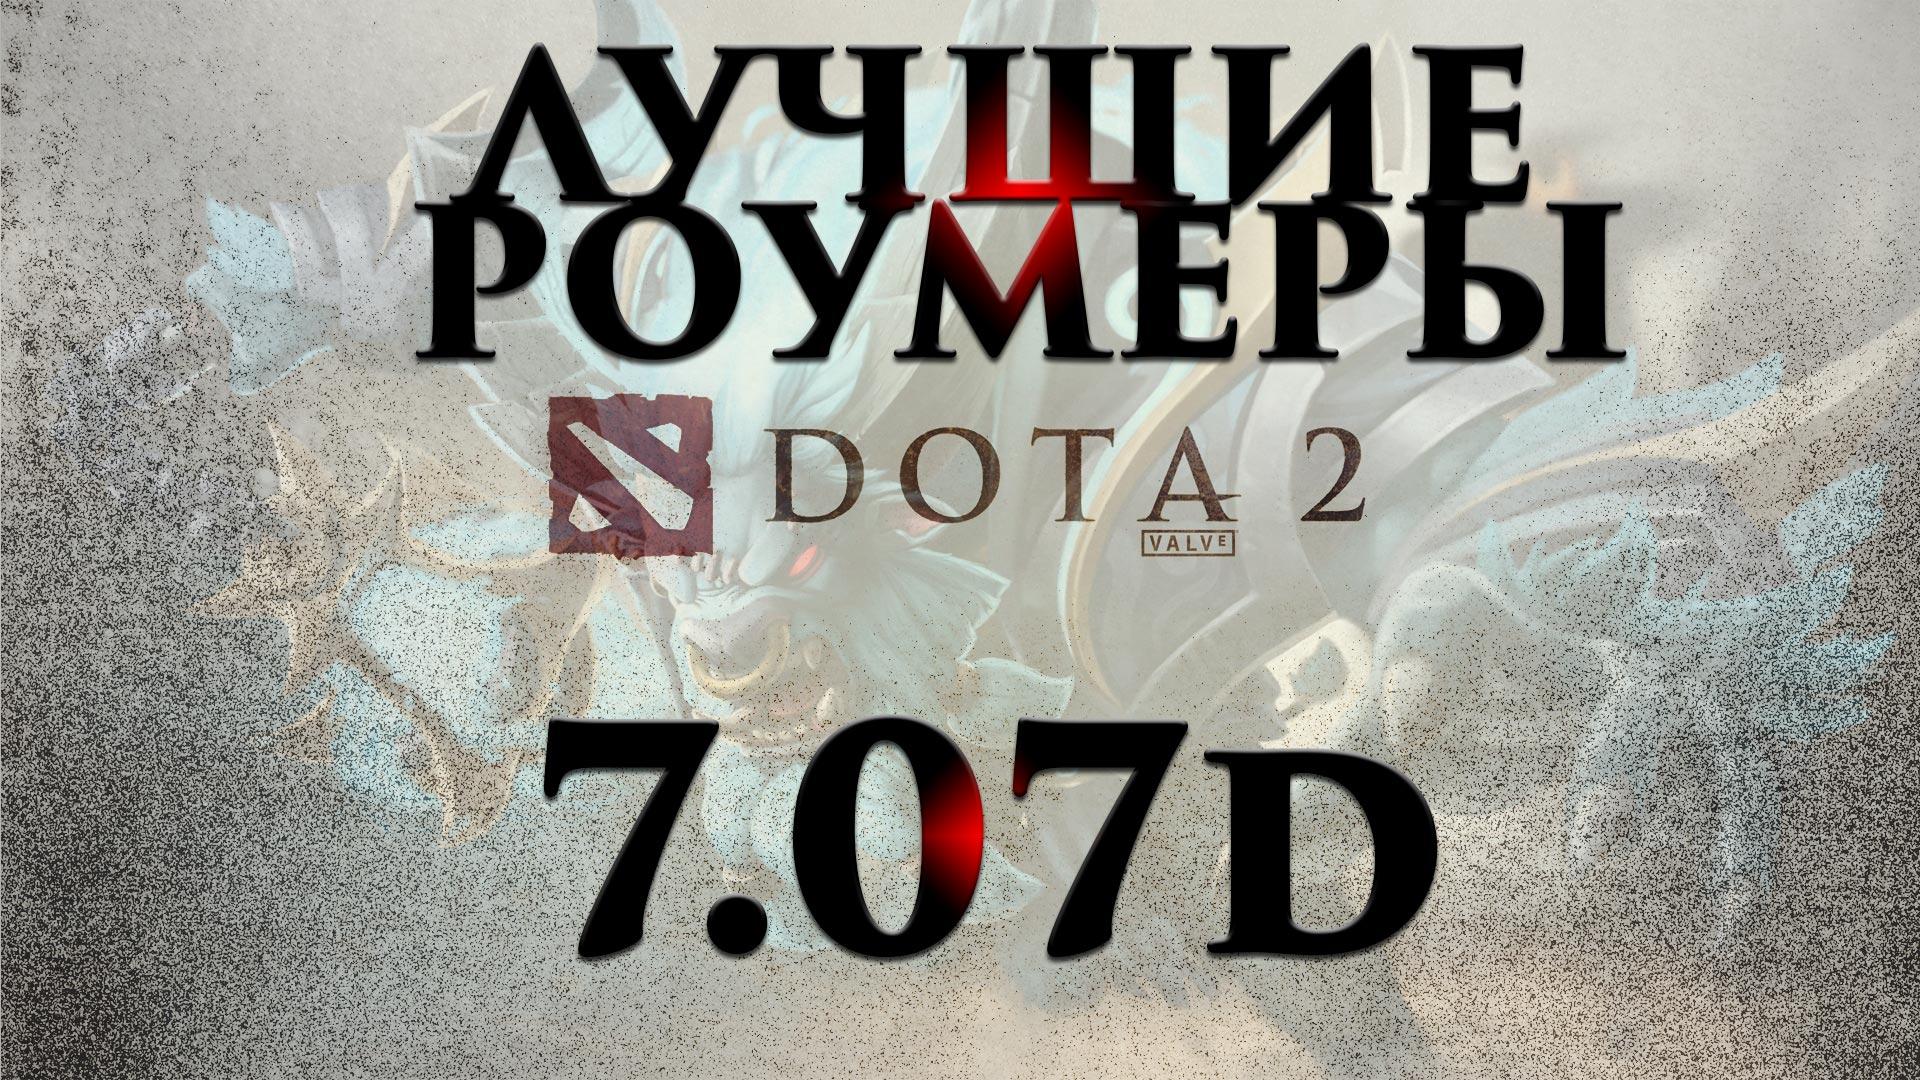 Best Roamer Dota 2 7.07d